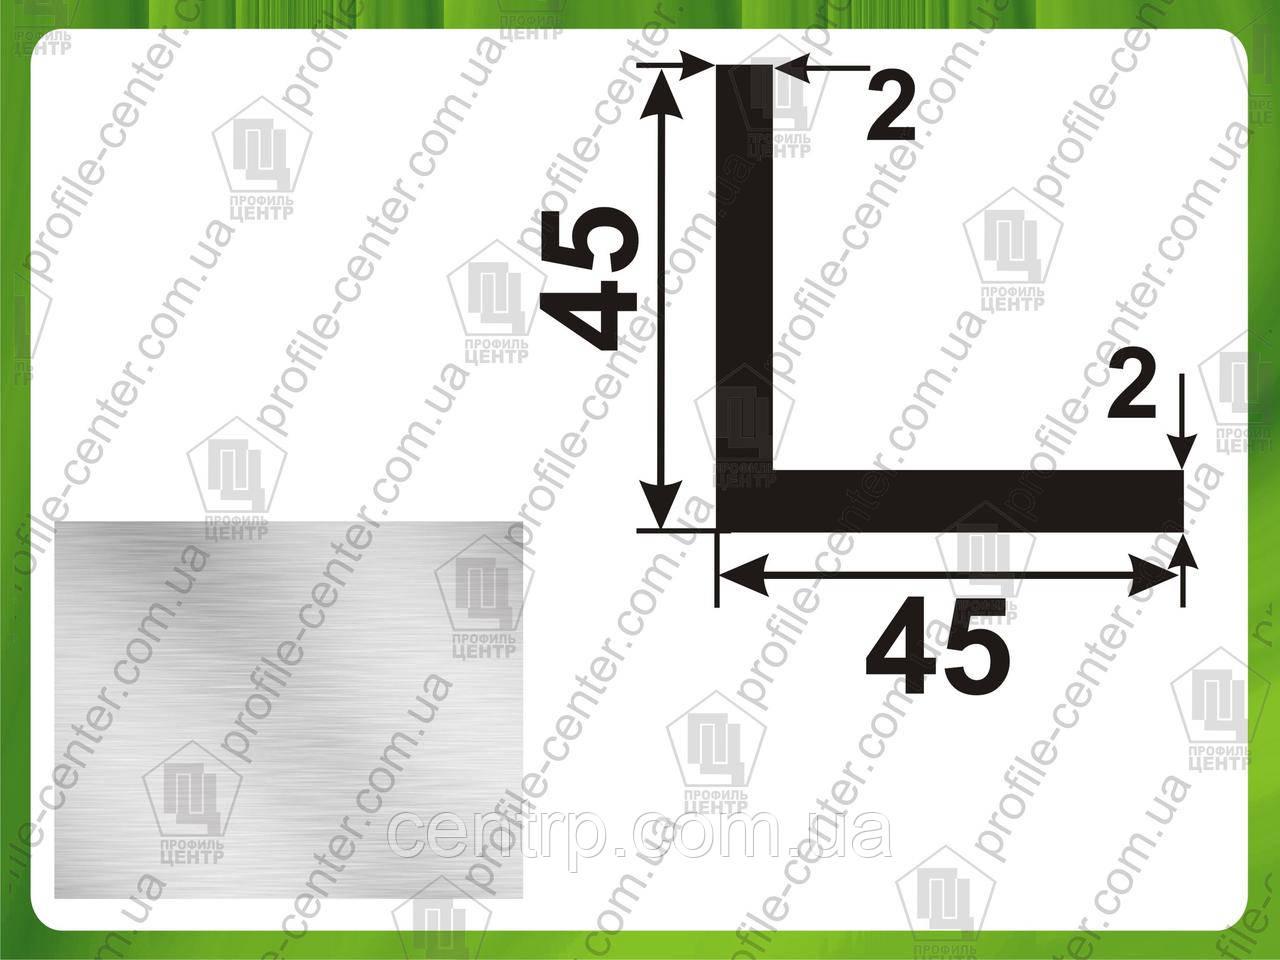 Уголок алюминиевый равнополочный (равносторонний) 45*45*2 без покрытия.